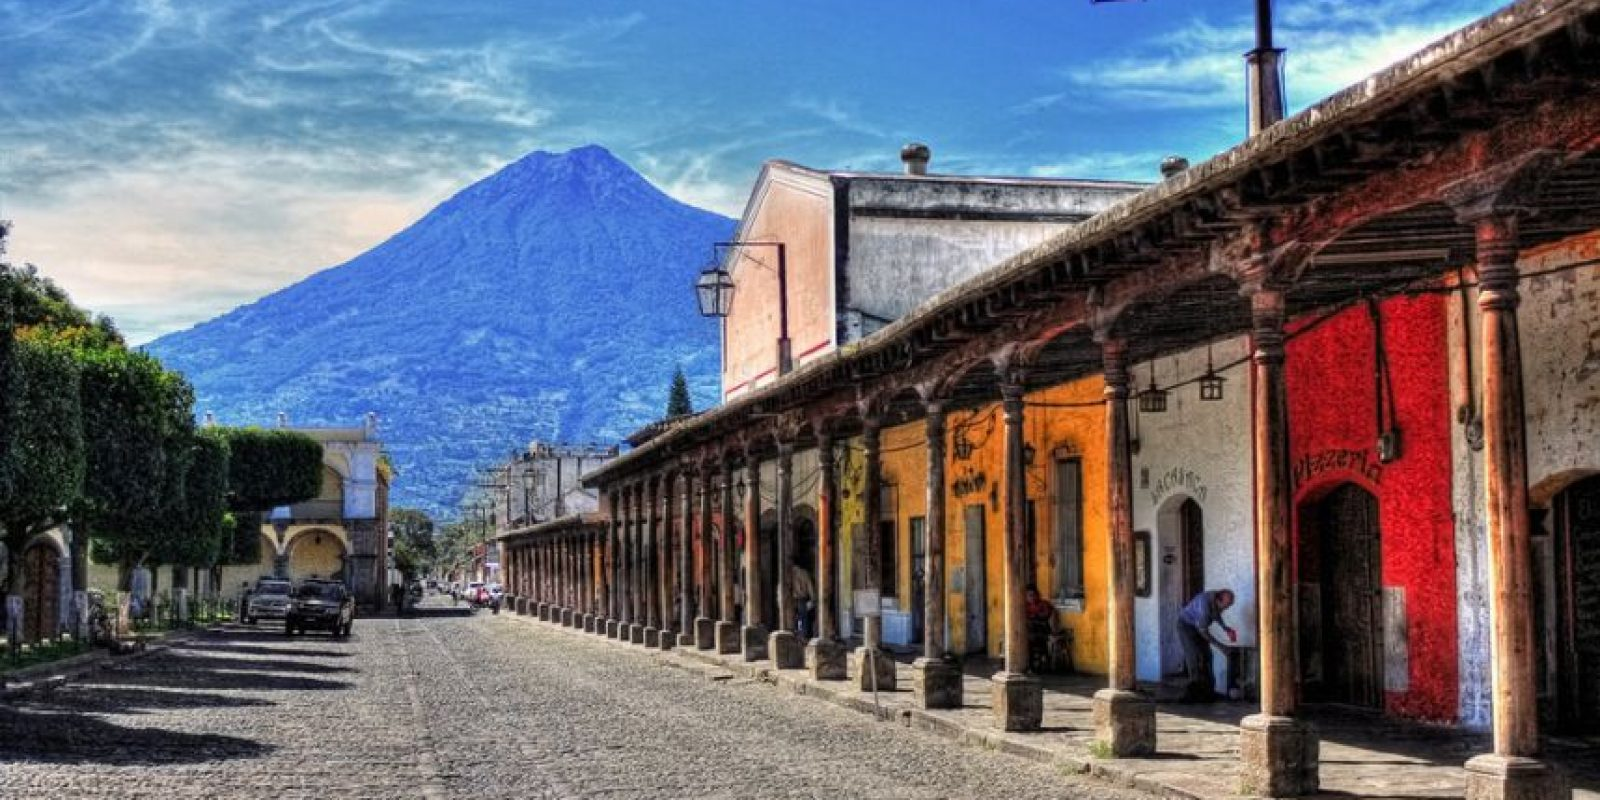 La Antigua no tiene nada de único. Foto:http://www.buzzfeed.com/